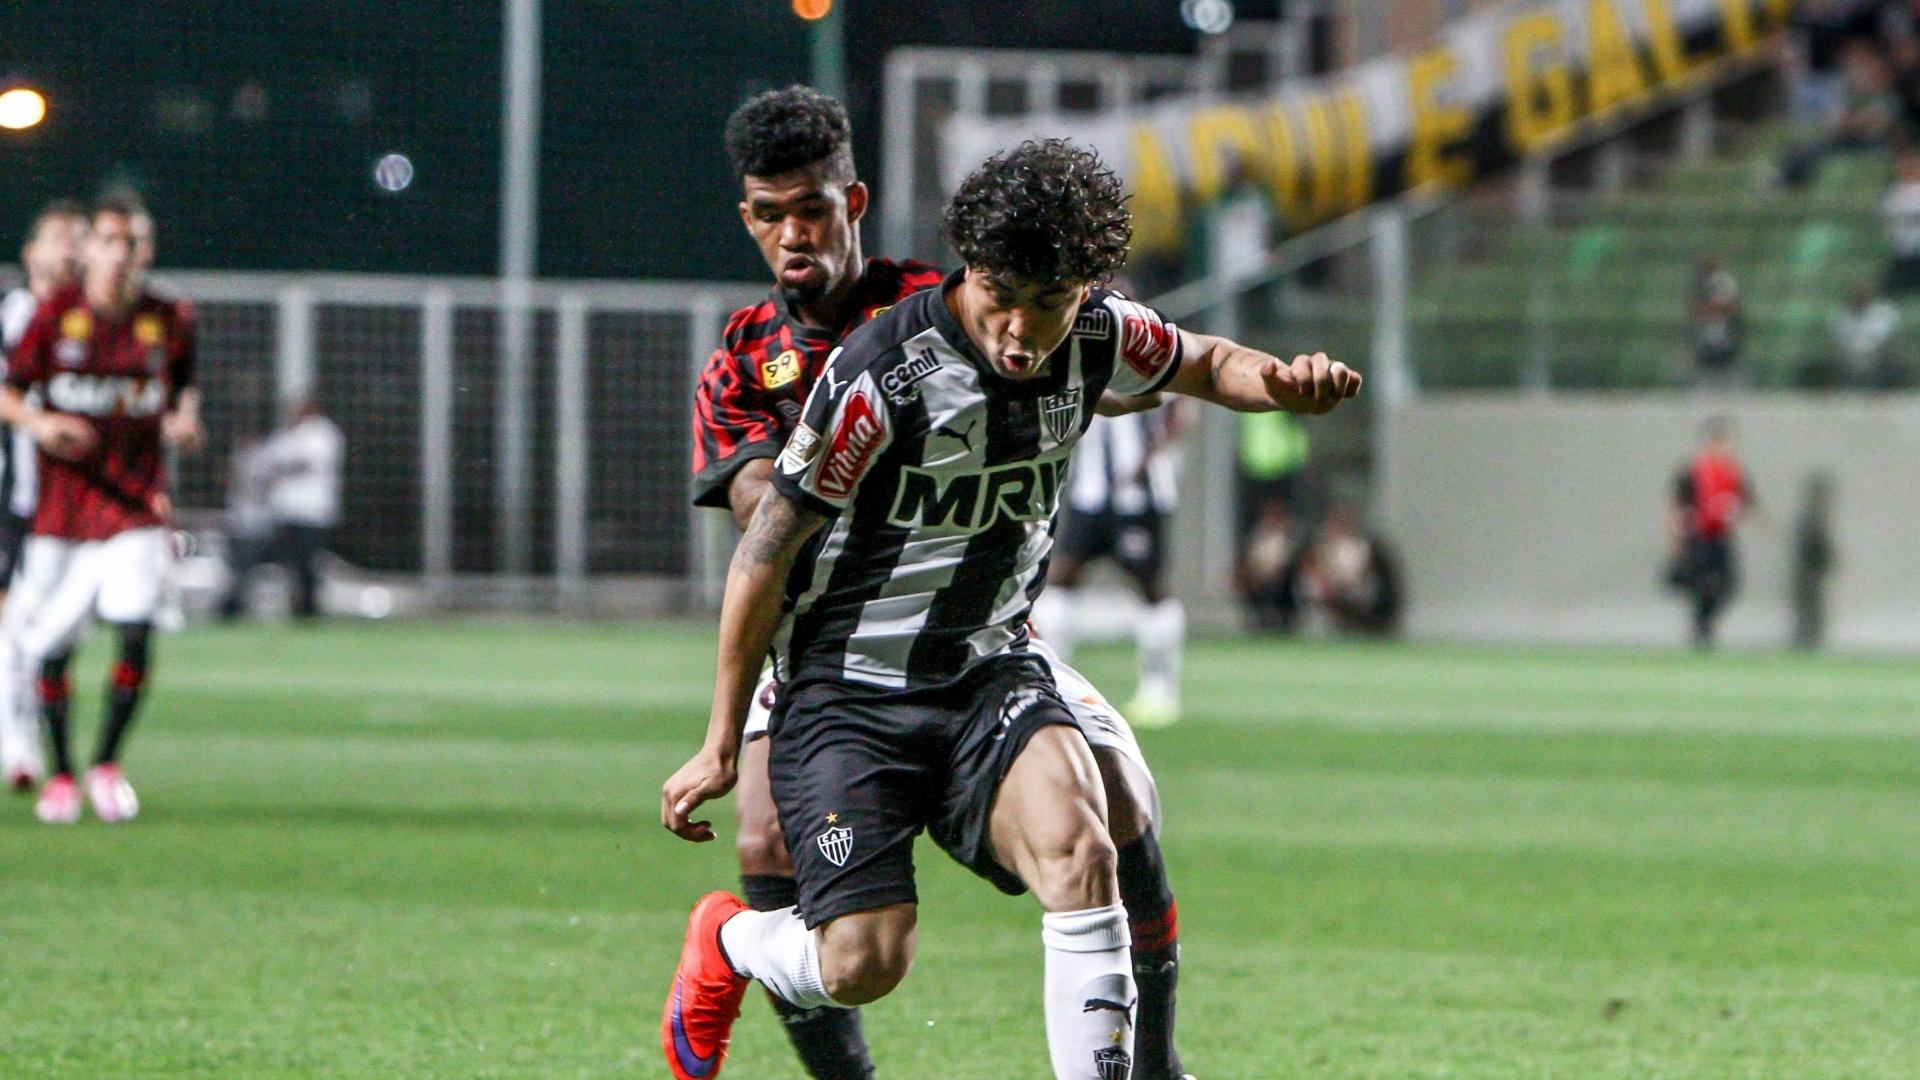 Luan tenta jogada e é acompanhado de perto pela marcação do Atlético-PR